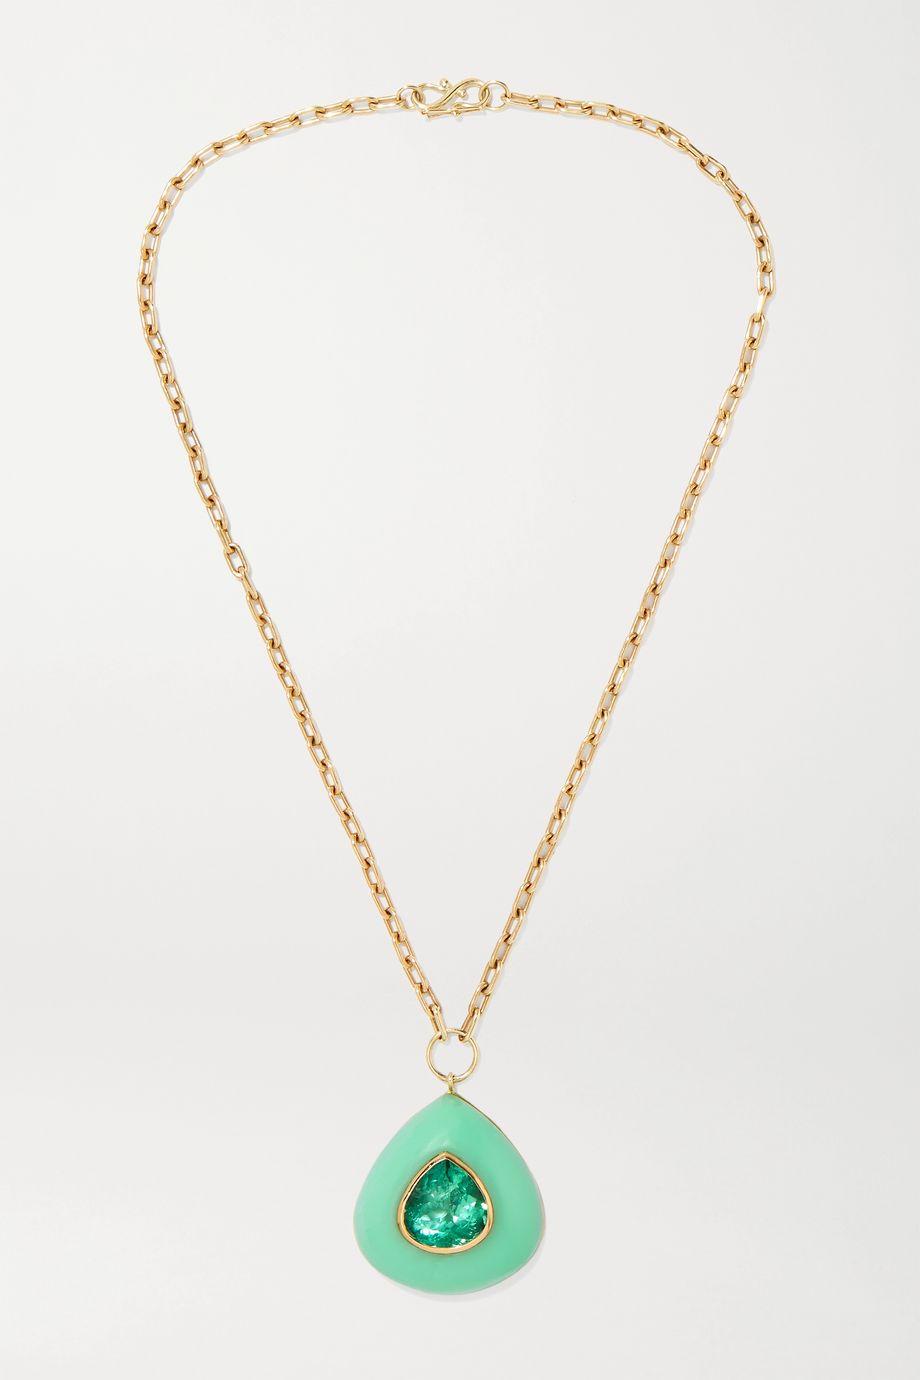 Retrouvaí Lollipop 14-karat gold, chrysoprase and emerald necklace